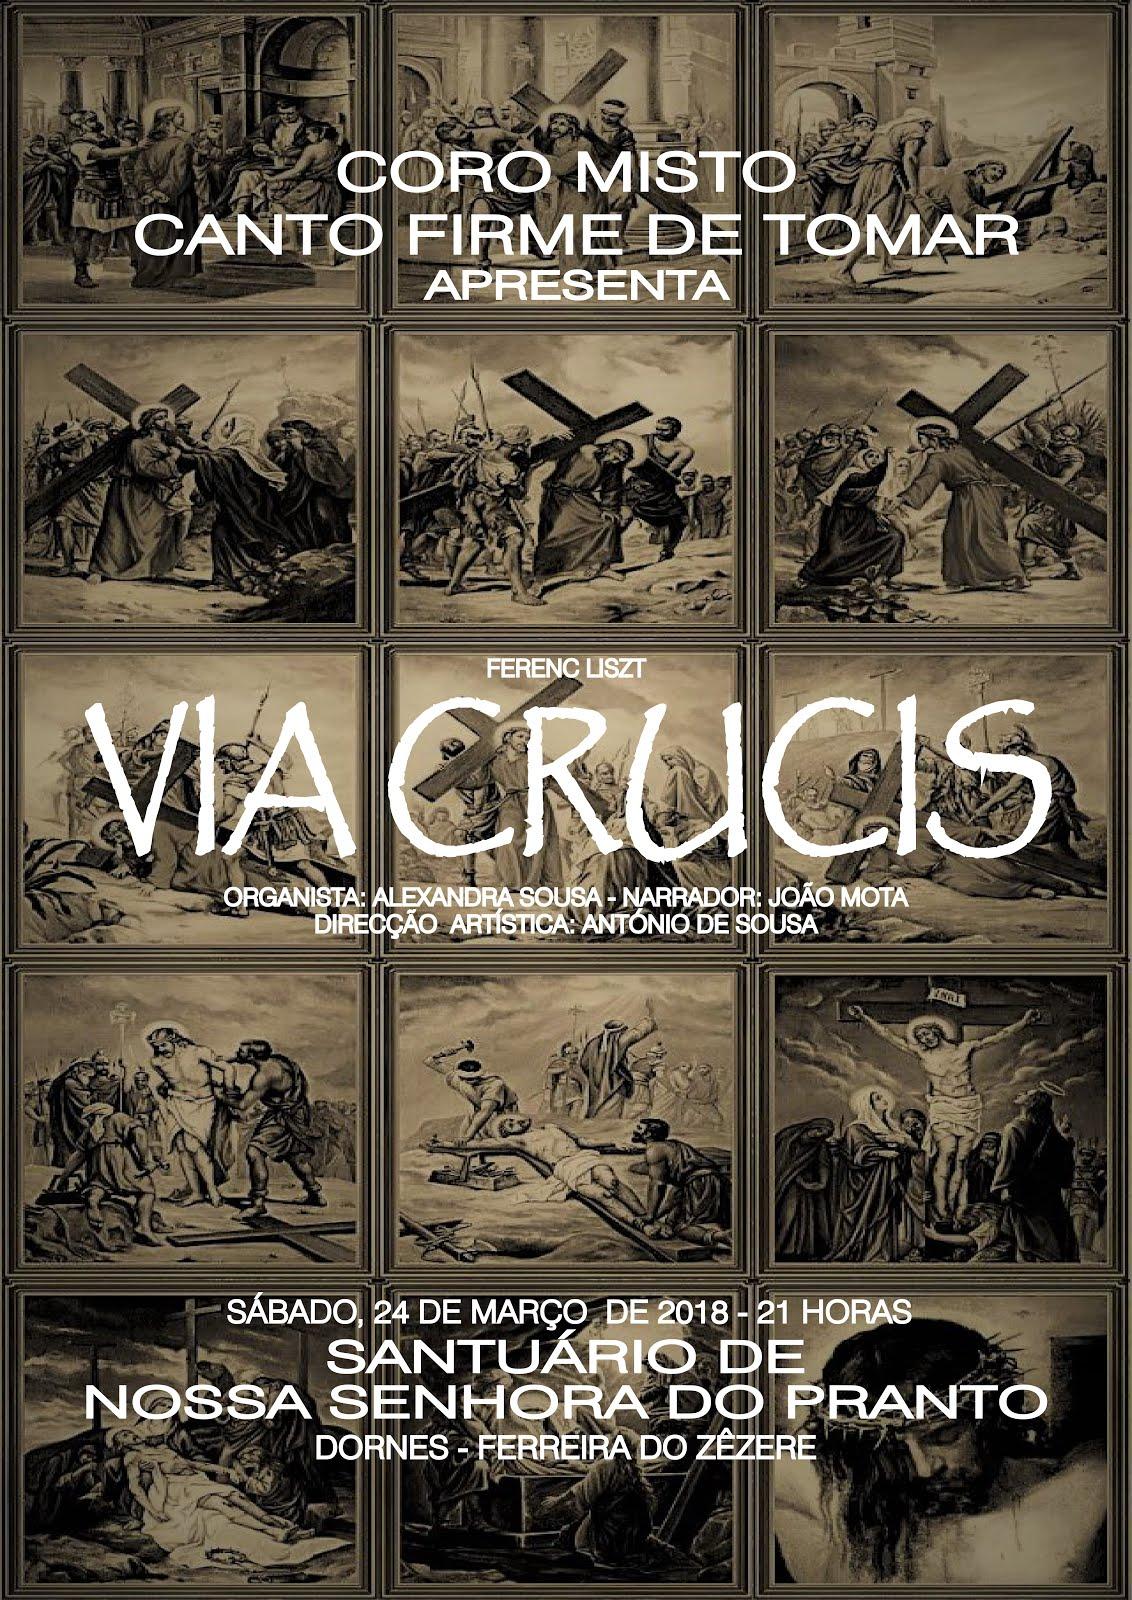 Via Crucis - Liszt - Santuário de Dornes, 24 de março, 21h00